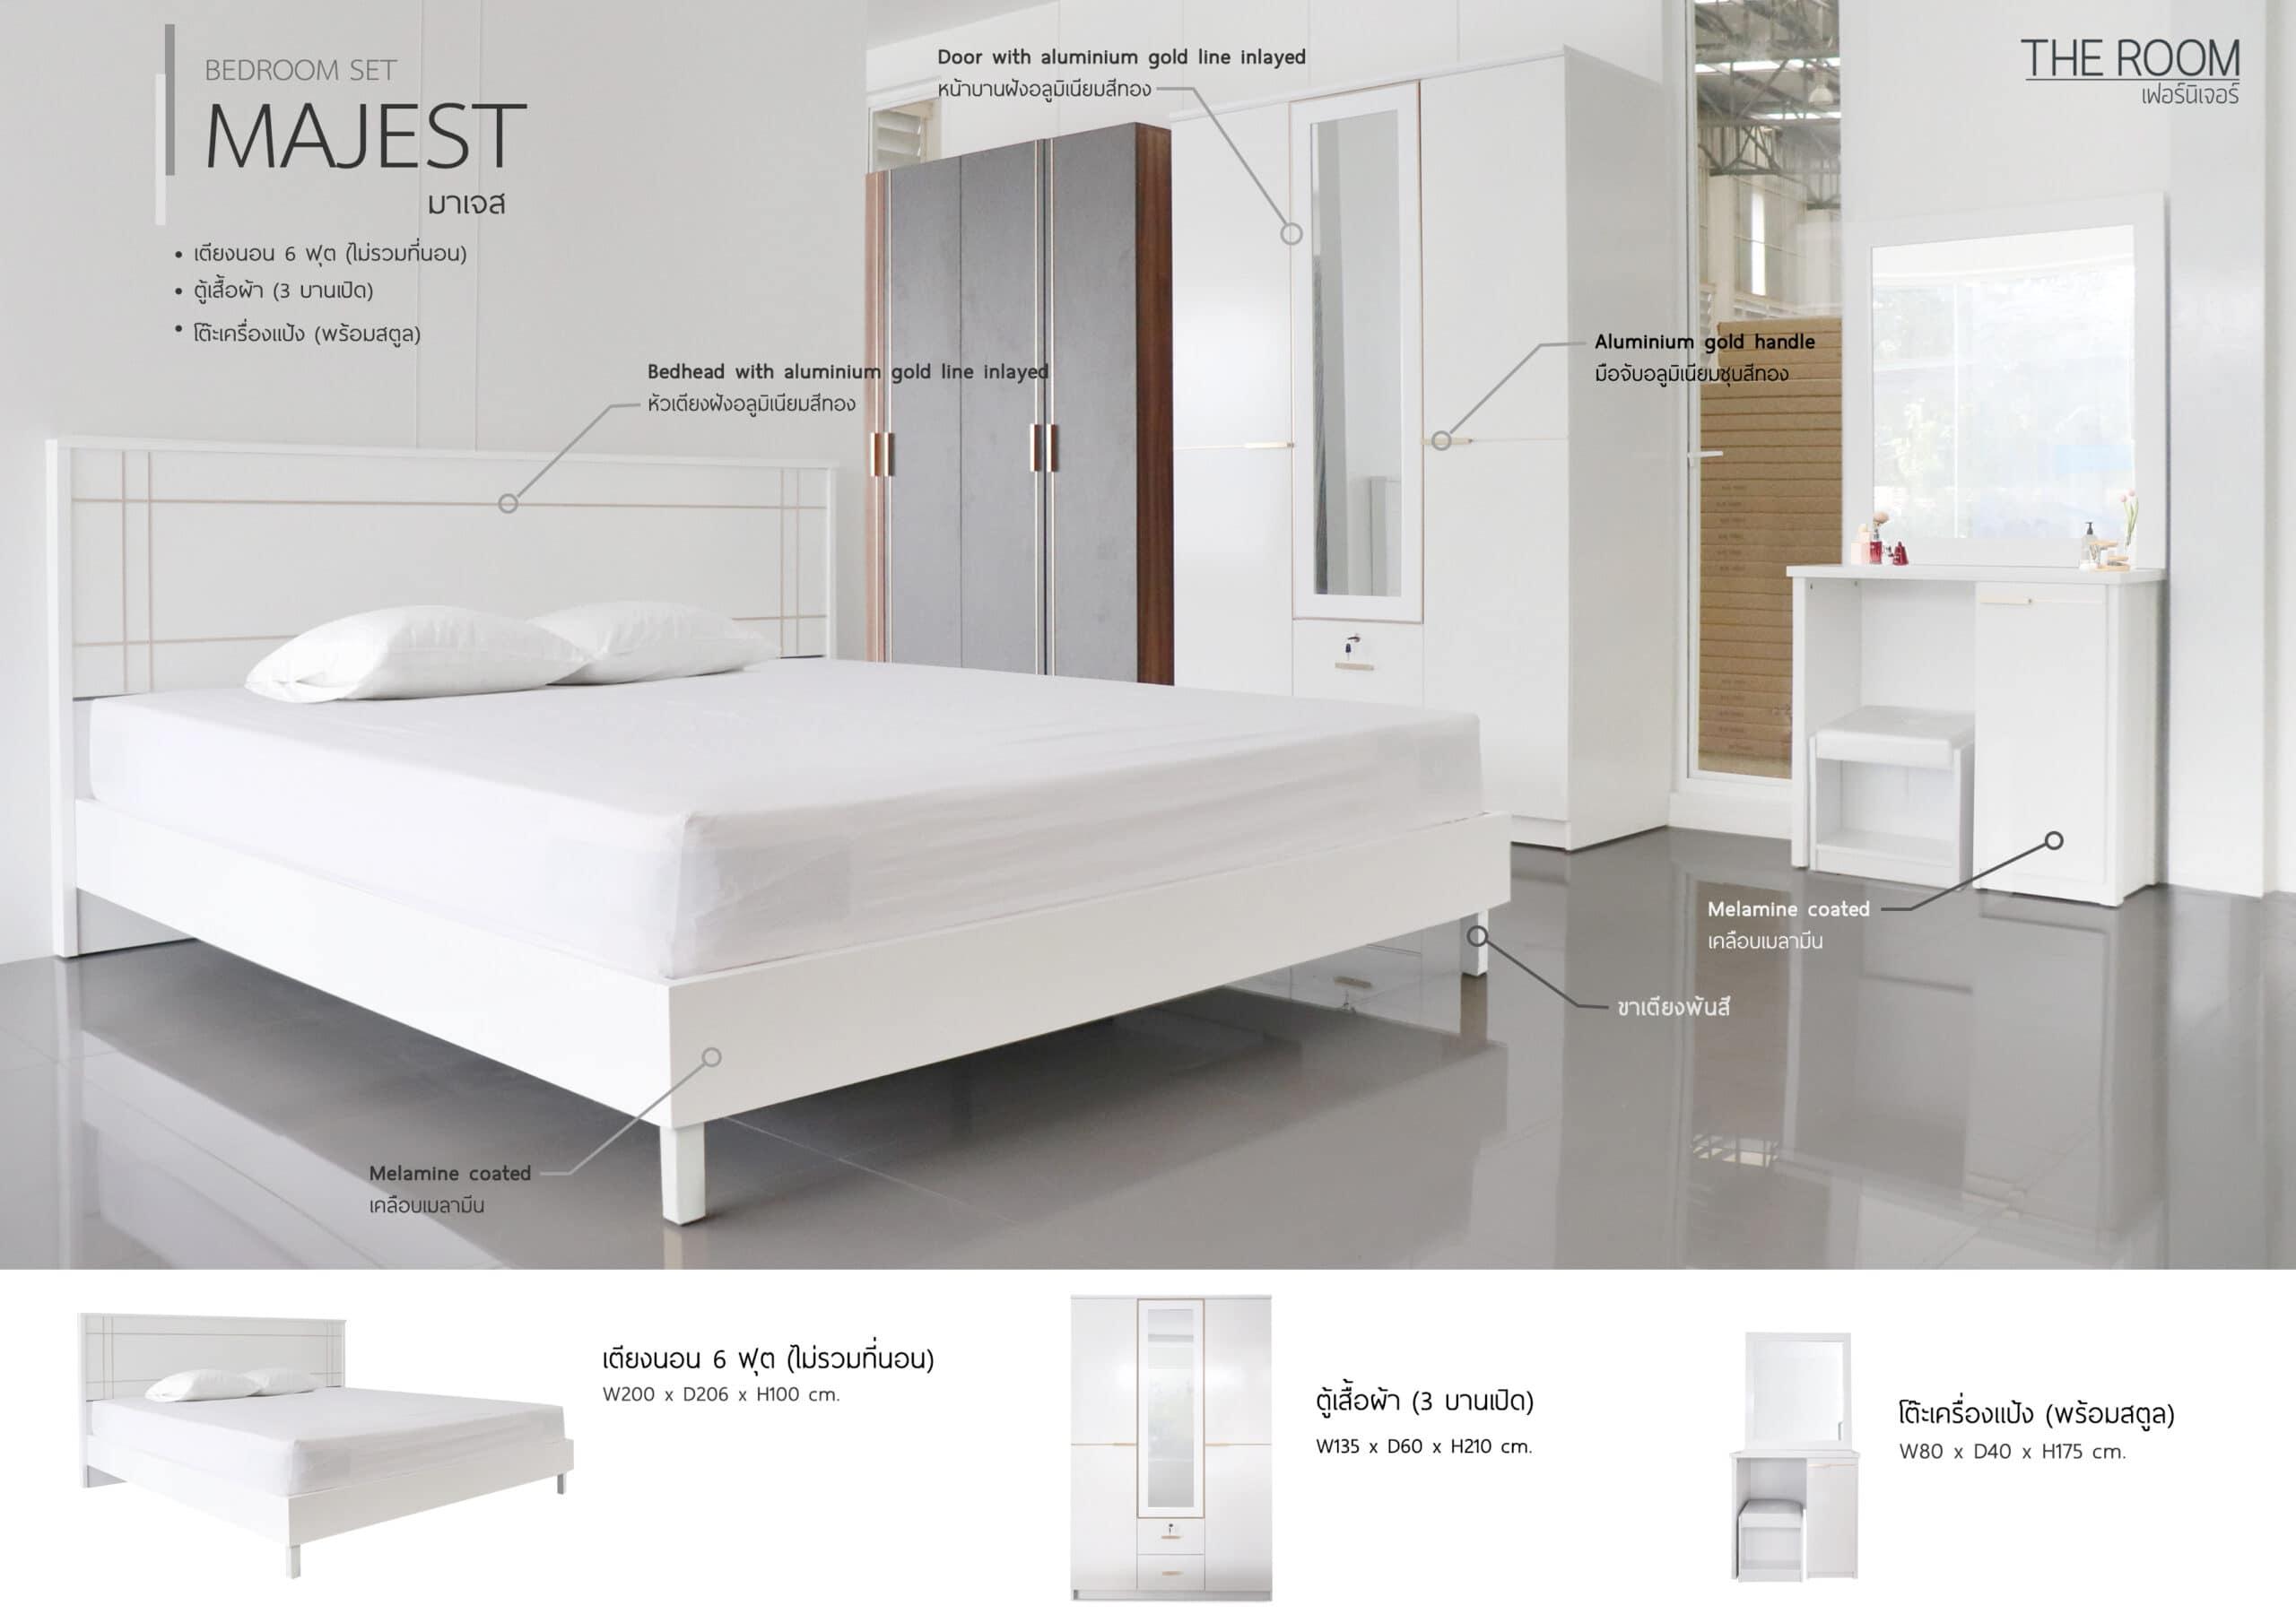 ชุดห้องนอน Majest The Room Furniture